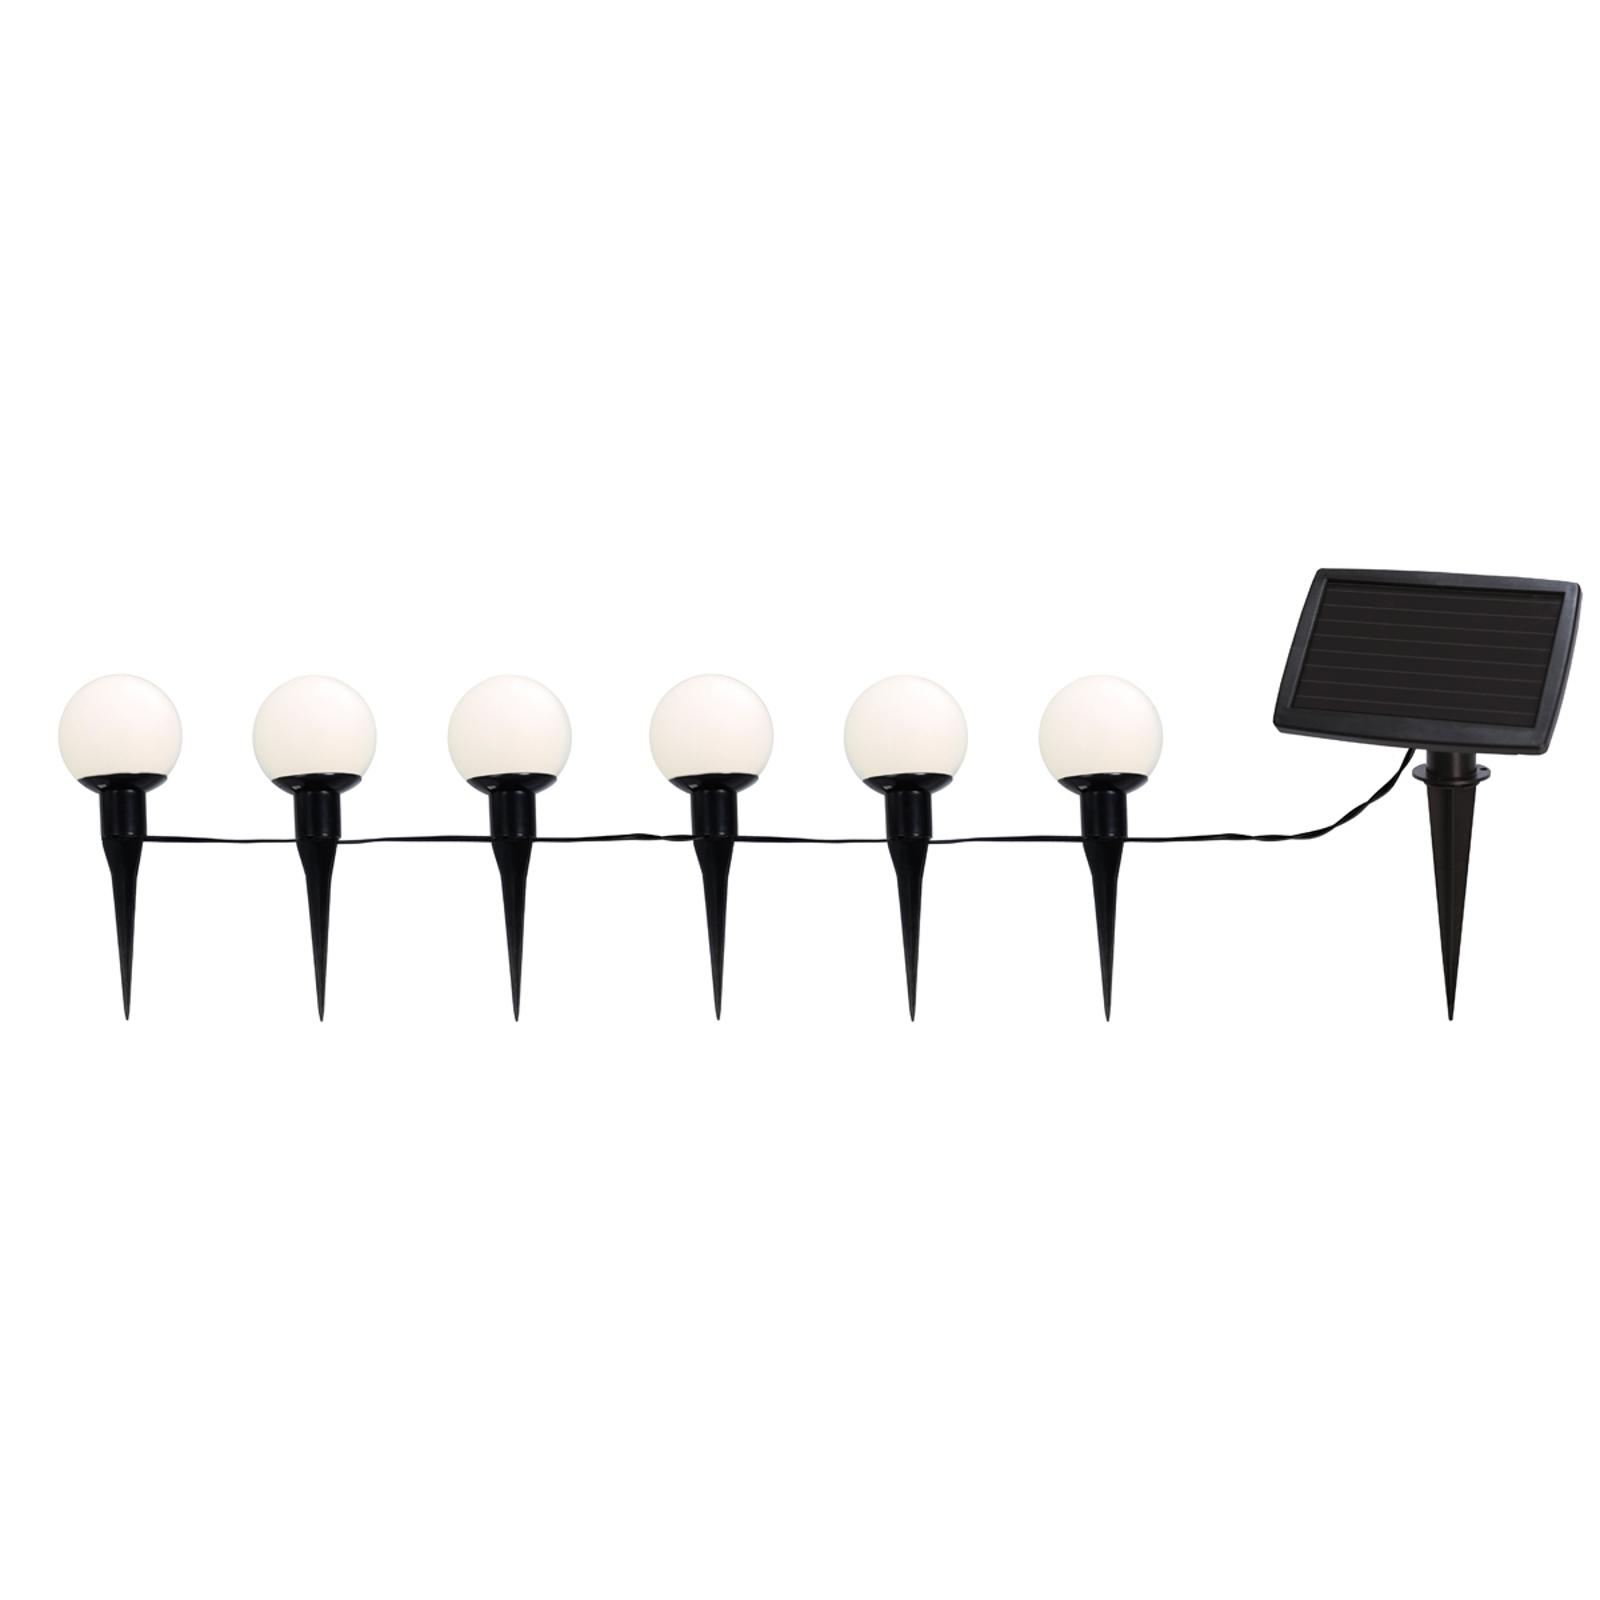 LED-solarljusslinga Combo med 6 solarkulor